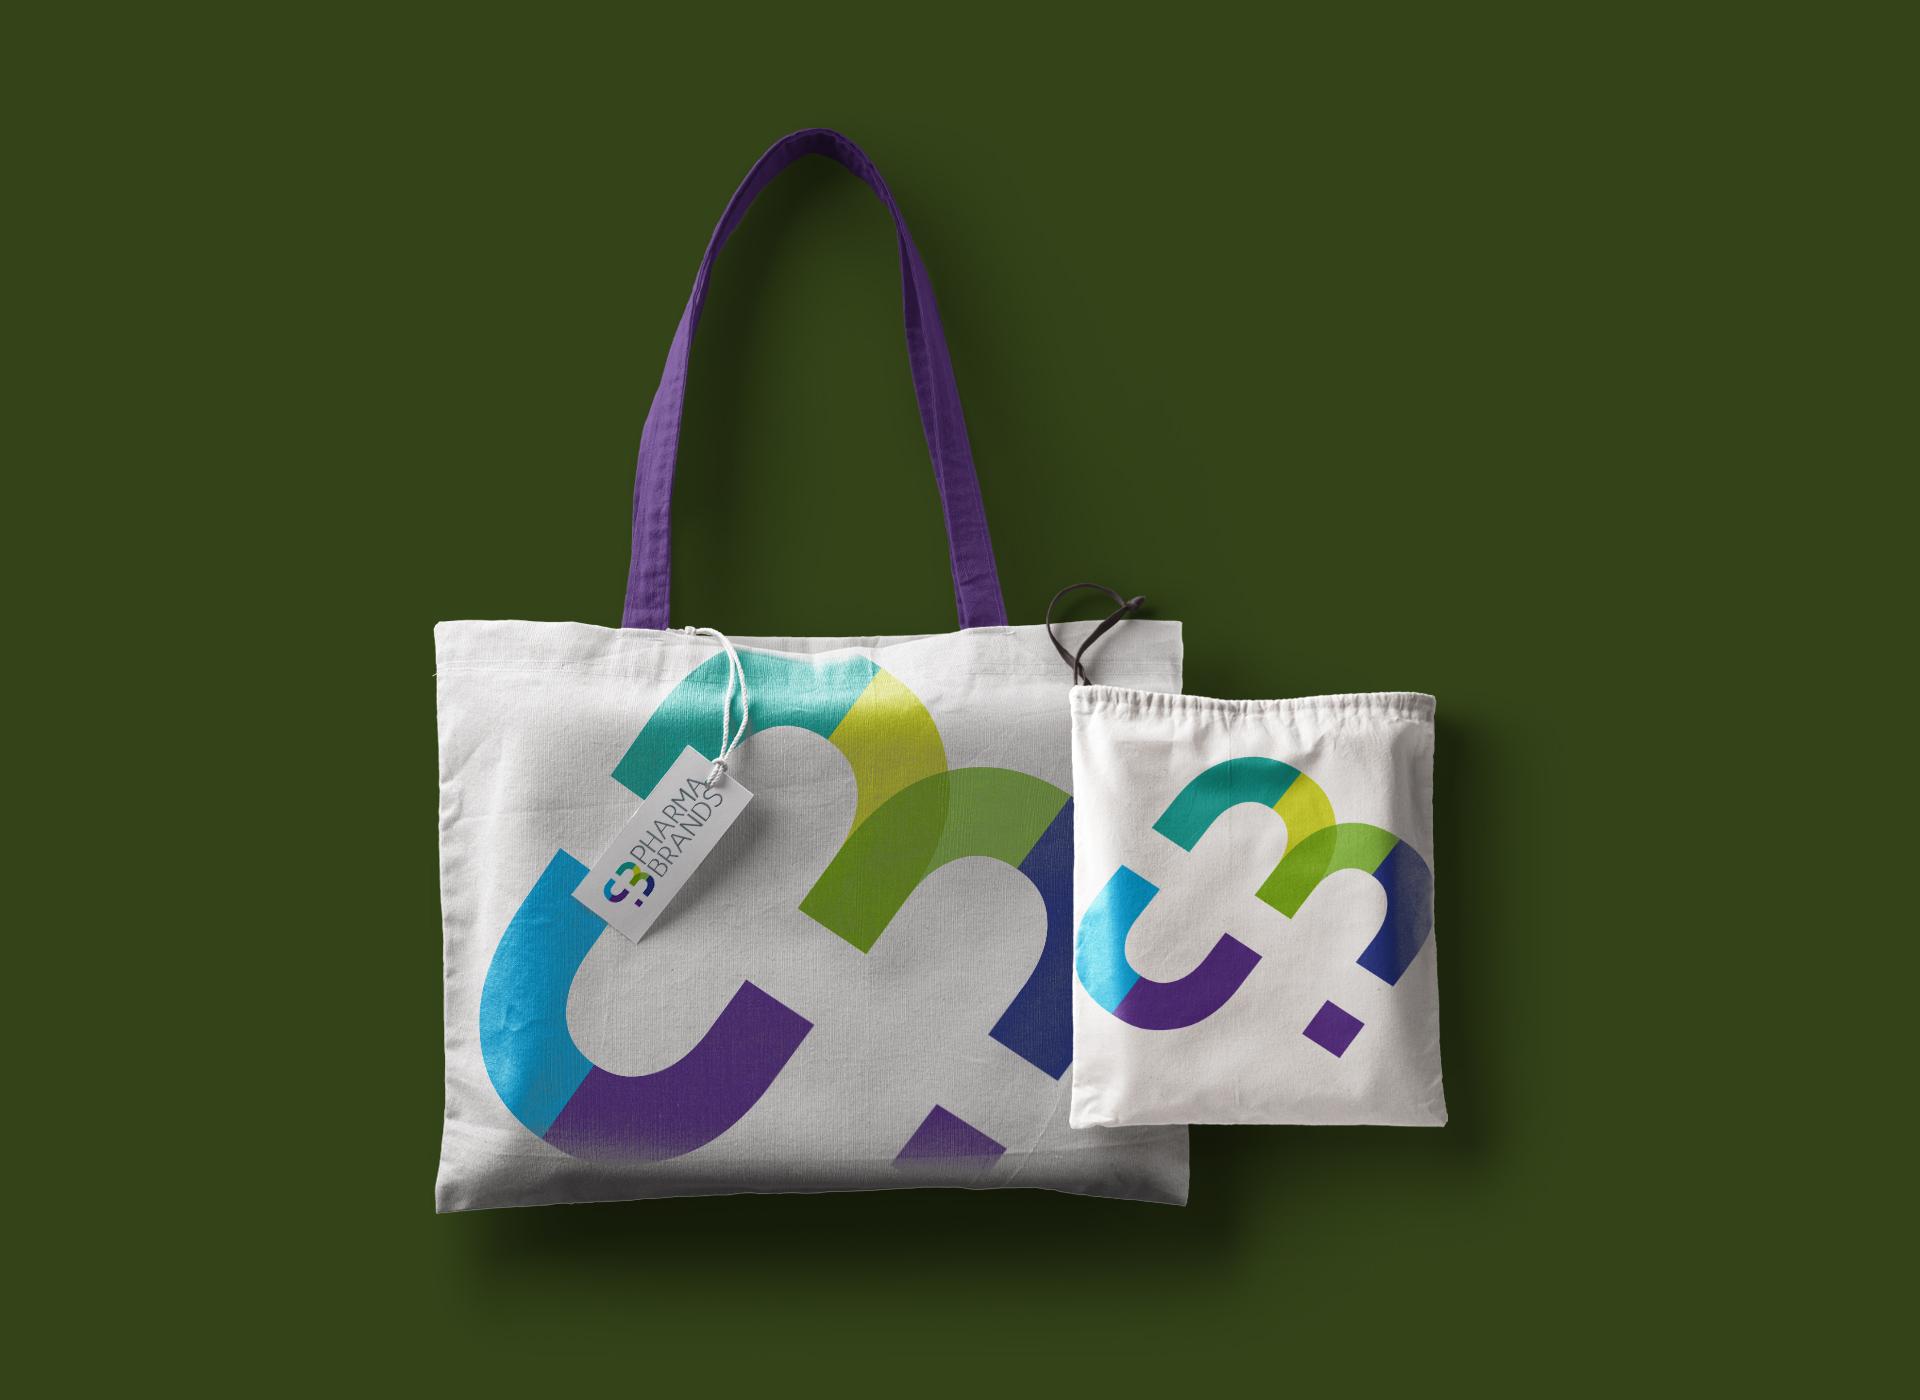 pharma brands bags portofoliu inoveo